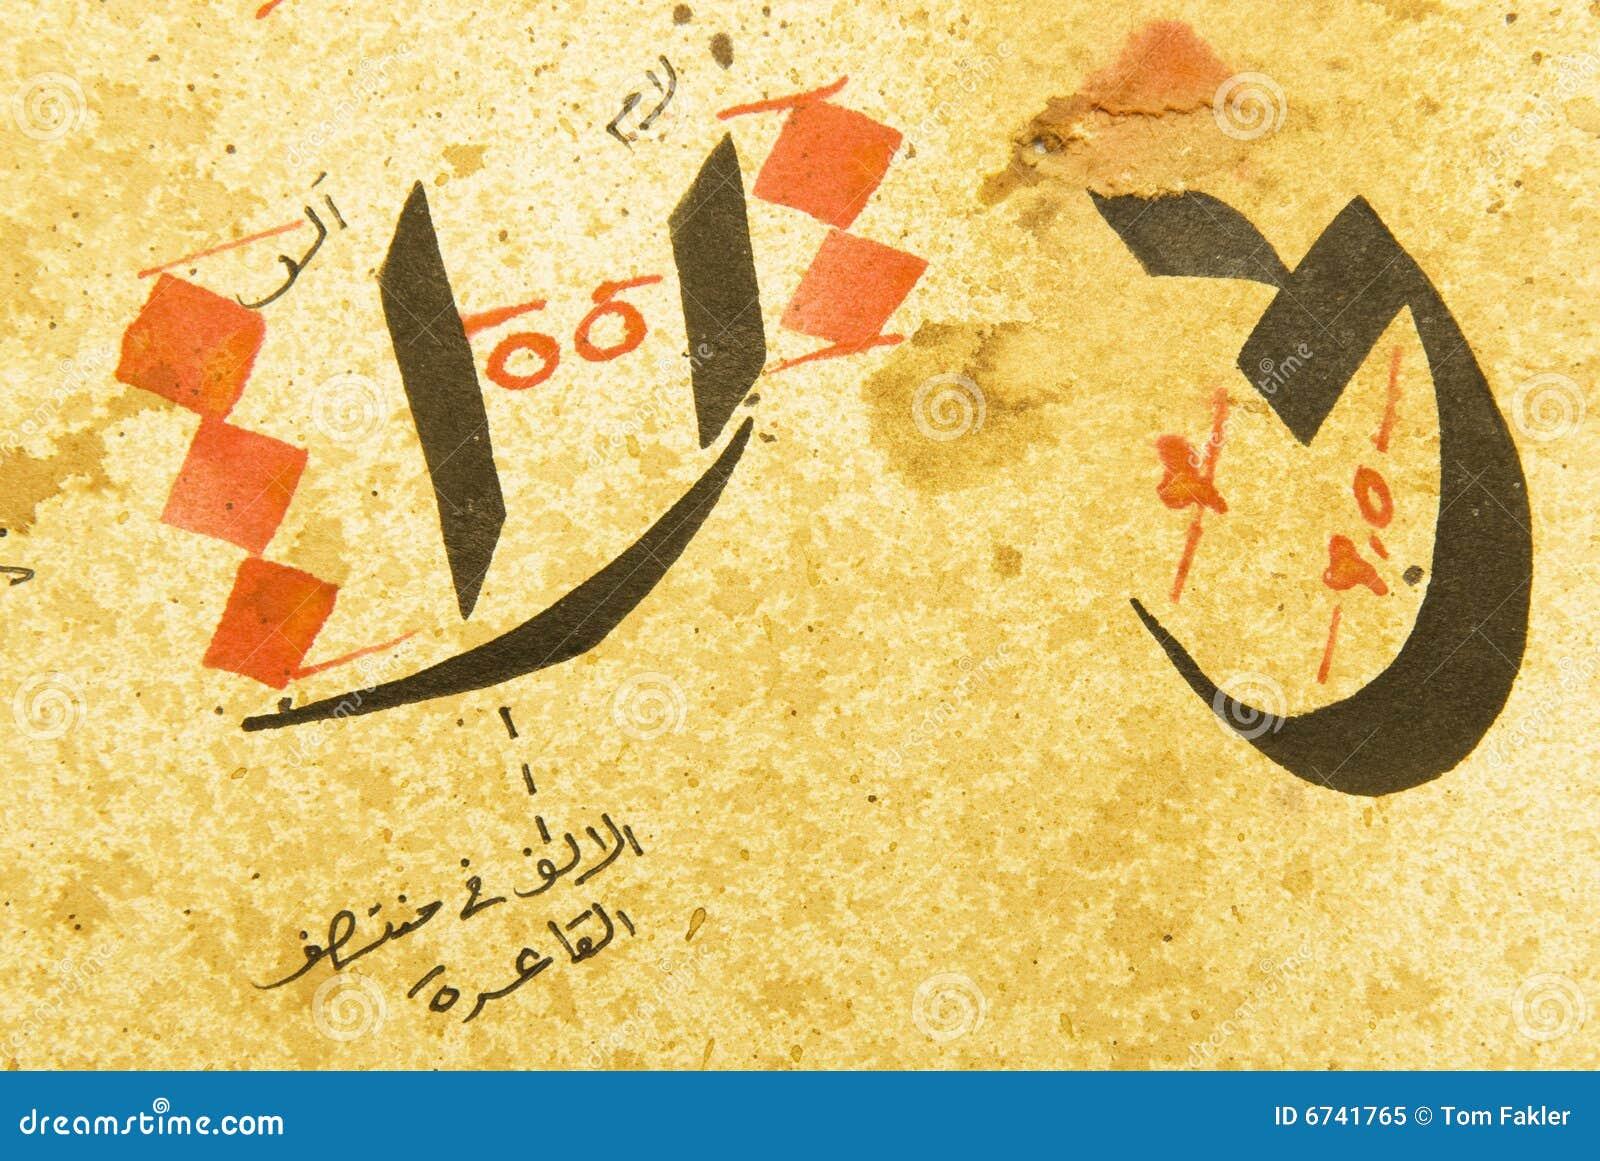 Papel árabe De Los Caracteres De La Caligrafía Imagen de archivo ...